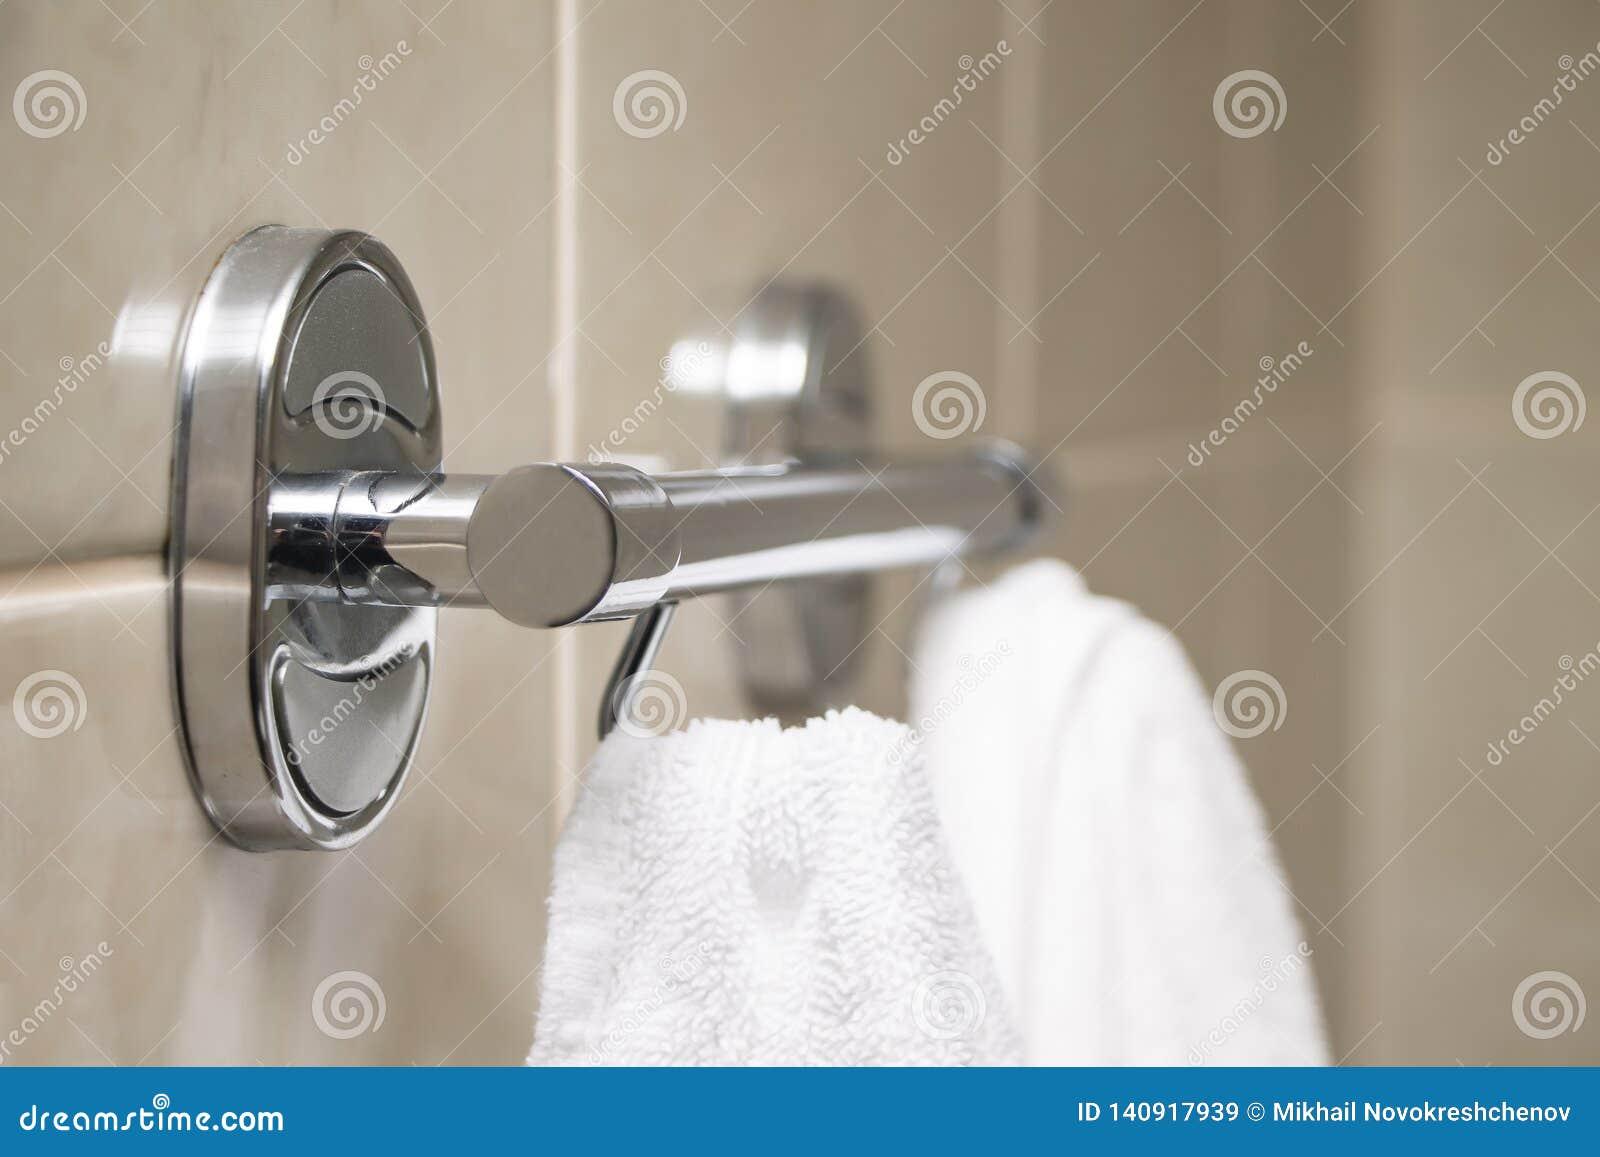 Вешалка с белыми полотенцами висит на стене